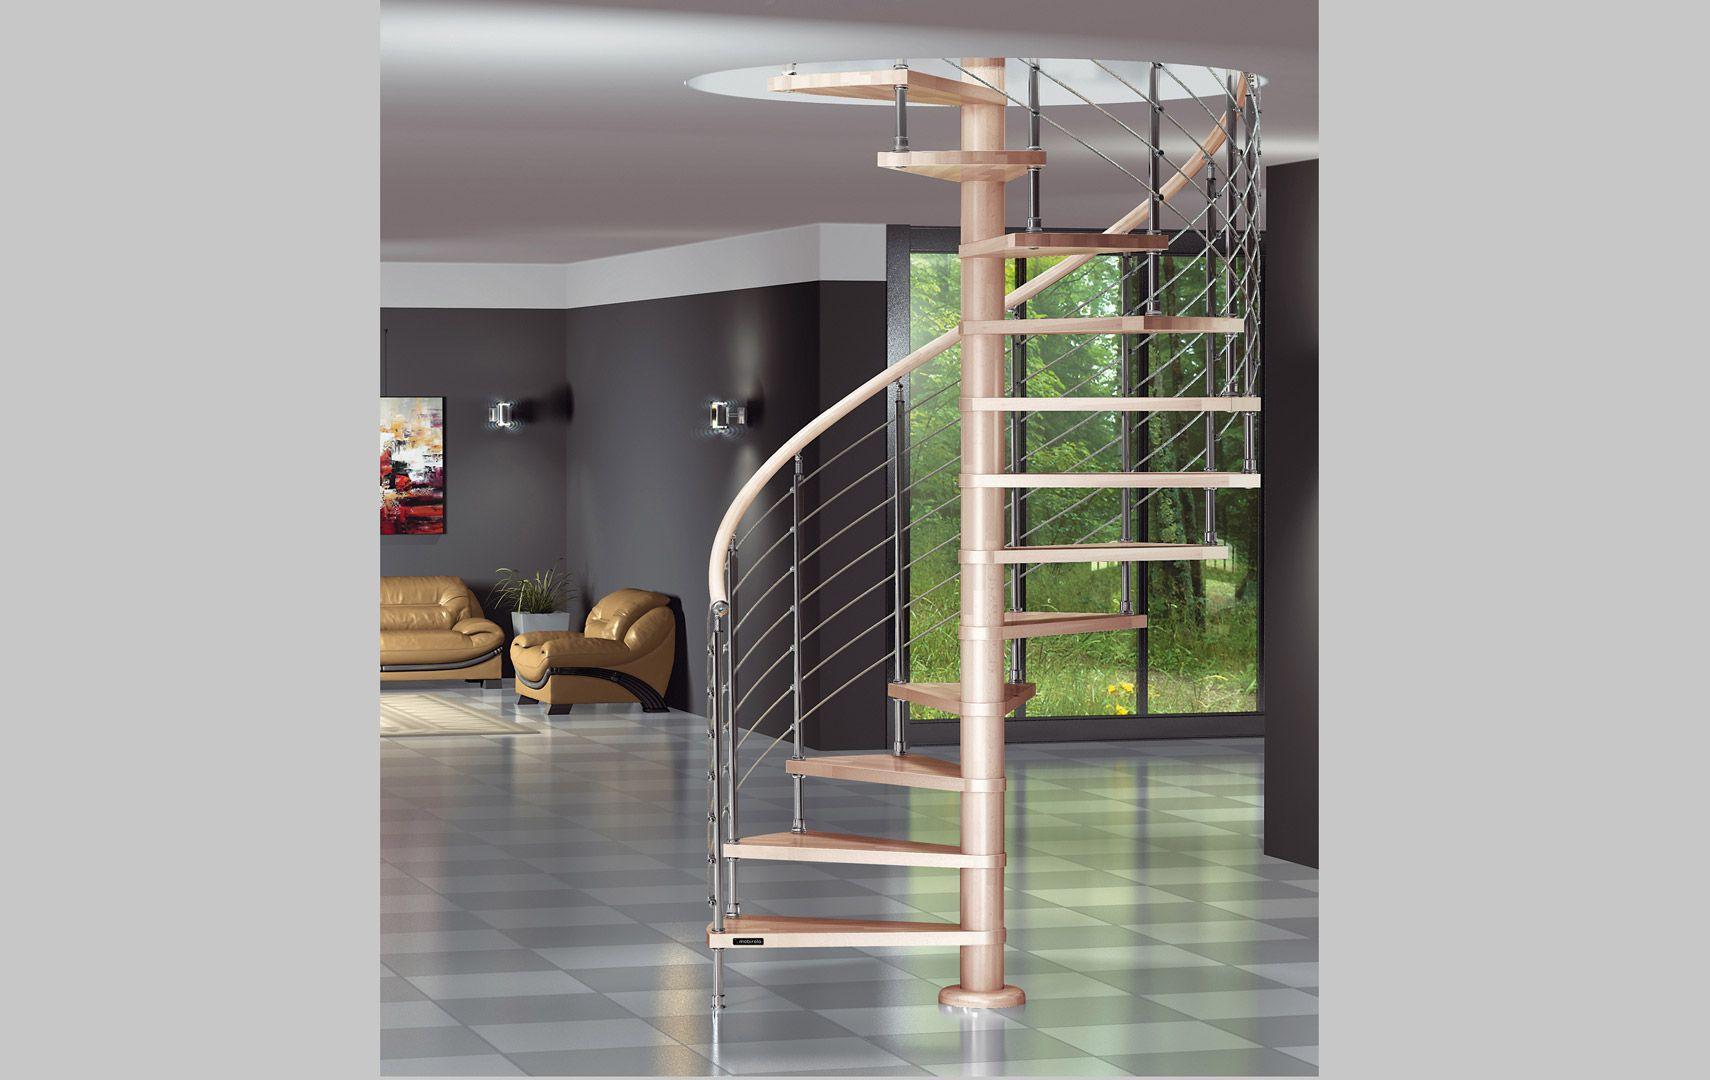 Dimensioni Scale A Chiocciola Quadrate scale a chiocciola, scala a chiocciola per interni, scale